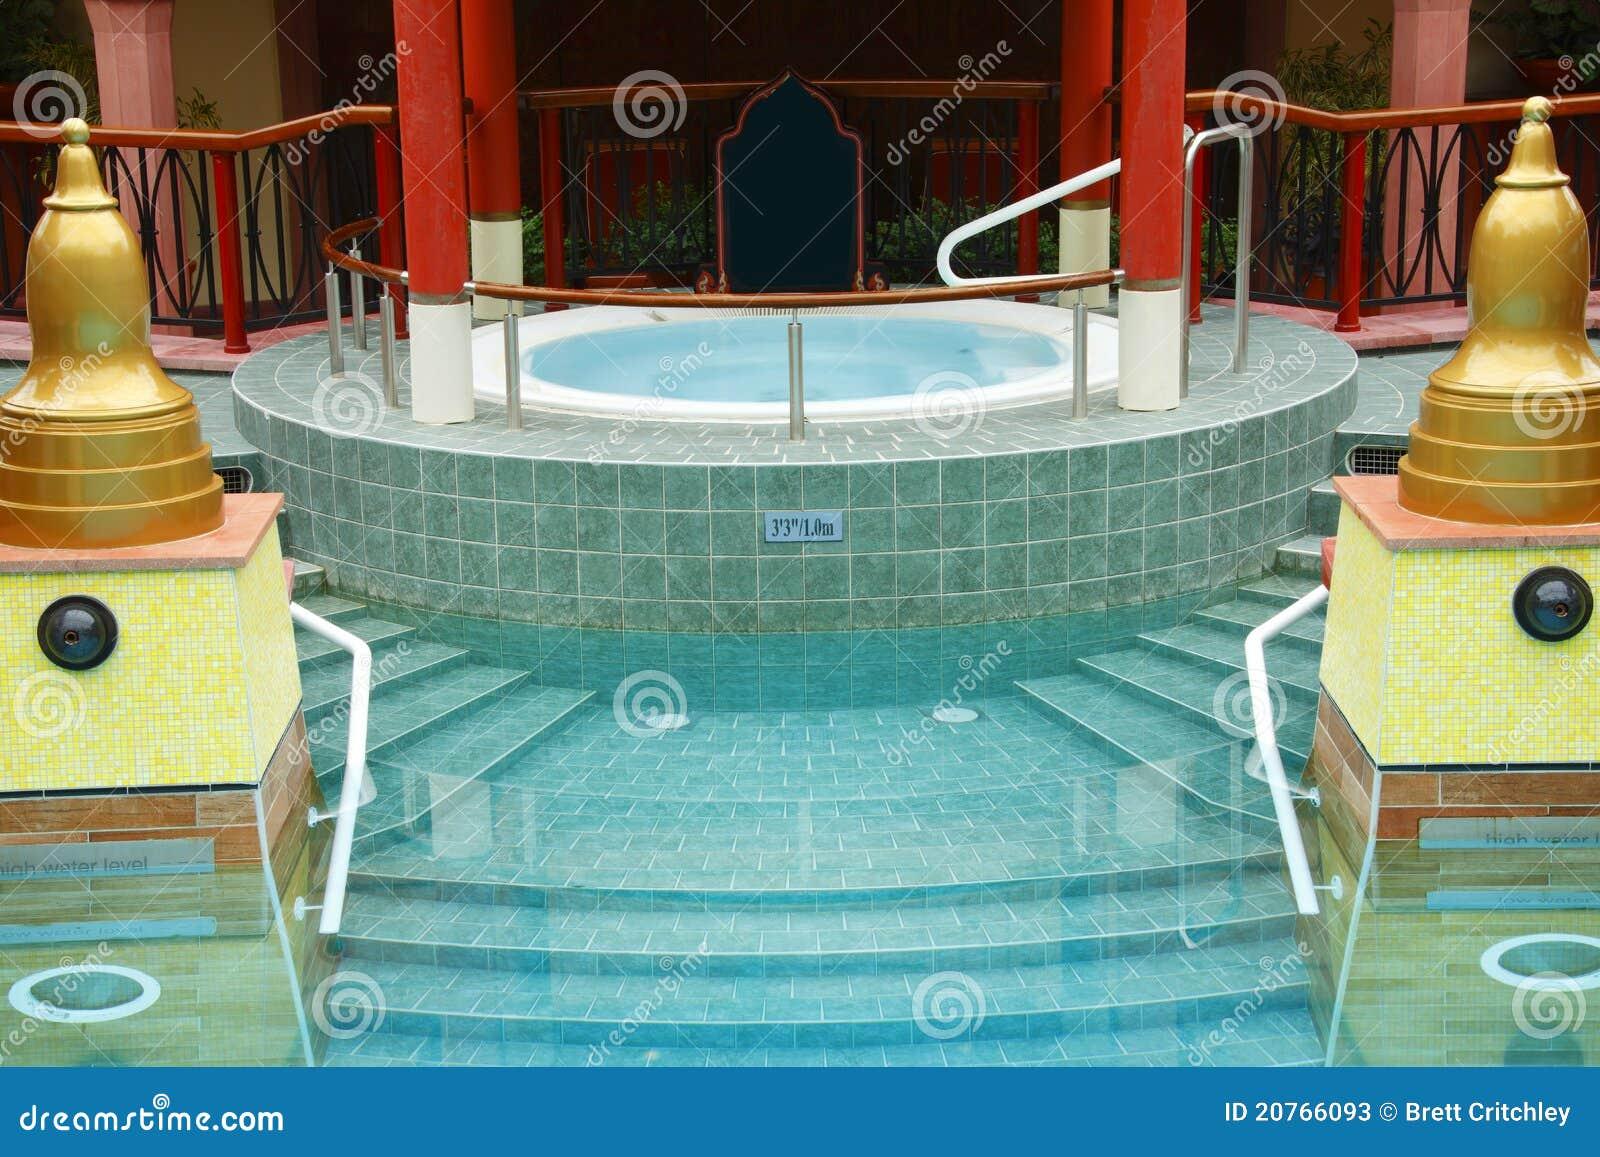 Piscina de lujo del balneario del jacuzzi imagen de for Balneario de fortuna precios piscina